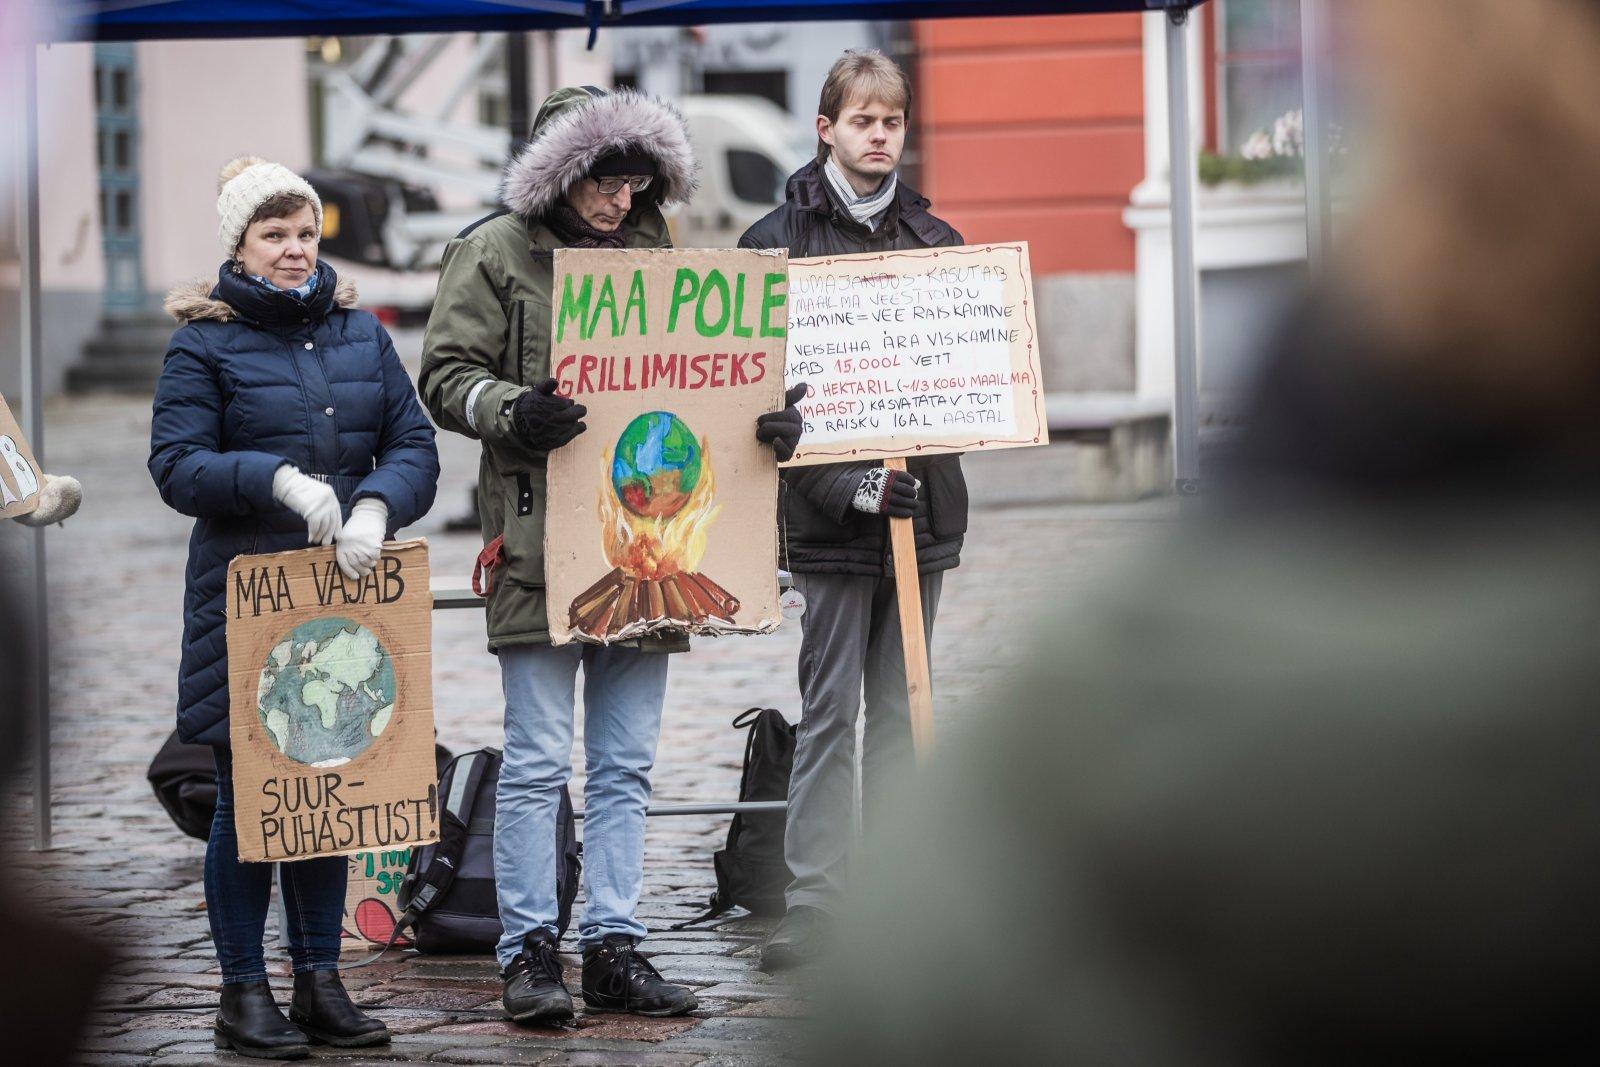 Uuring kinnitab:  eestlased on Põhja- ja Baltimaade suurimad kliimaskeptikud